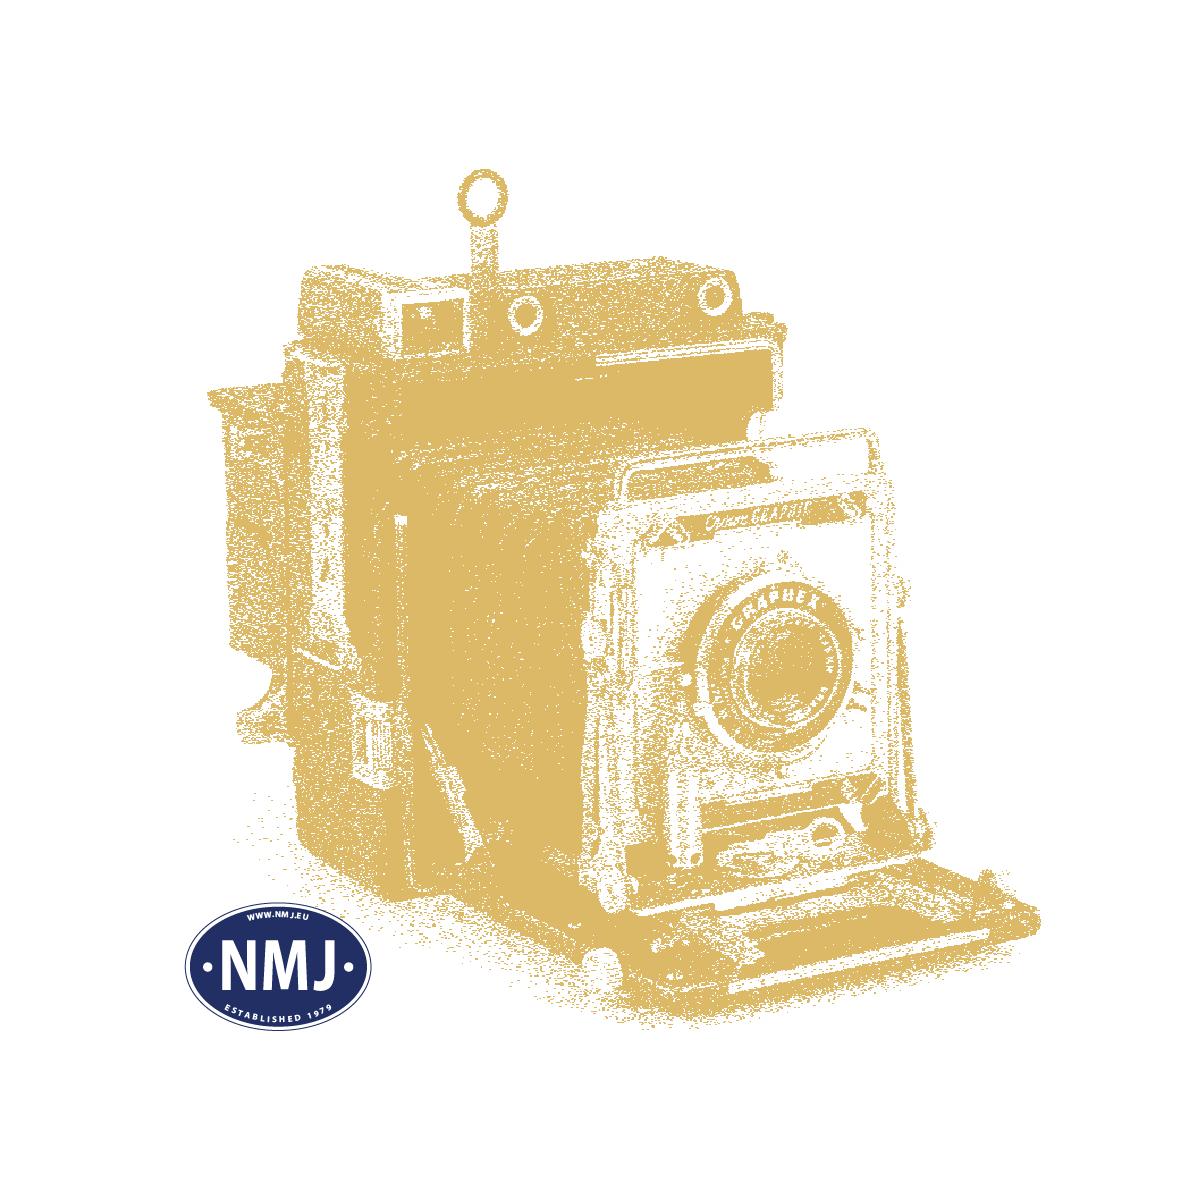 NMJT506.301 - NMJ Topline NSB Gbs 150 0 200-3, Ekspressgodsvogn